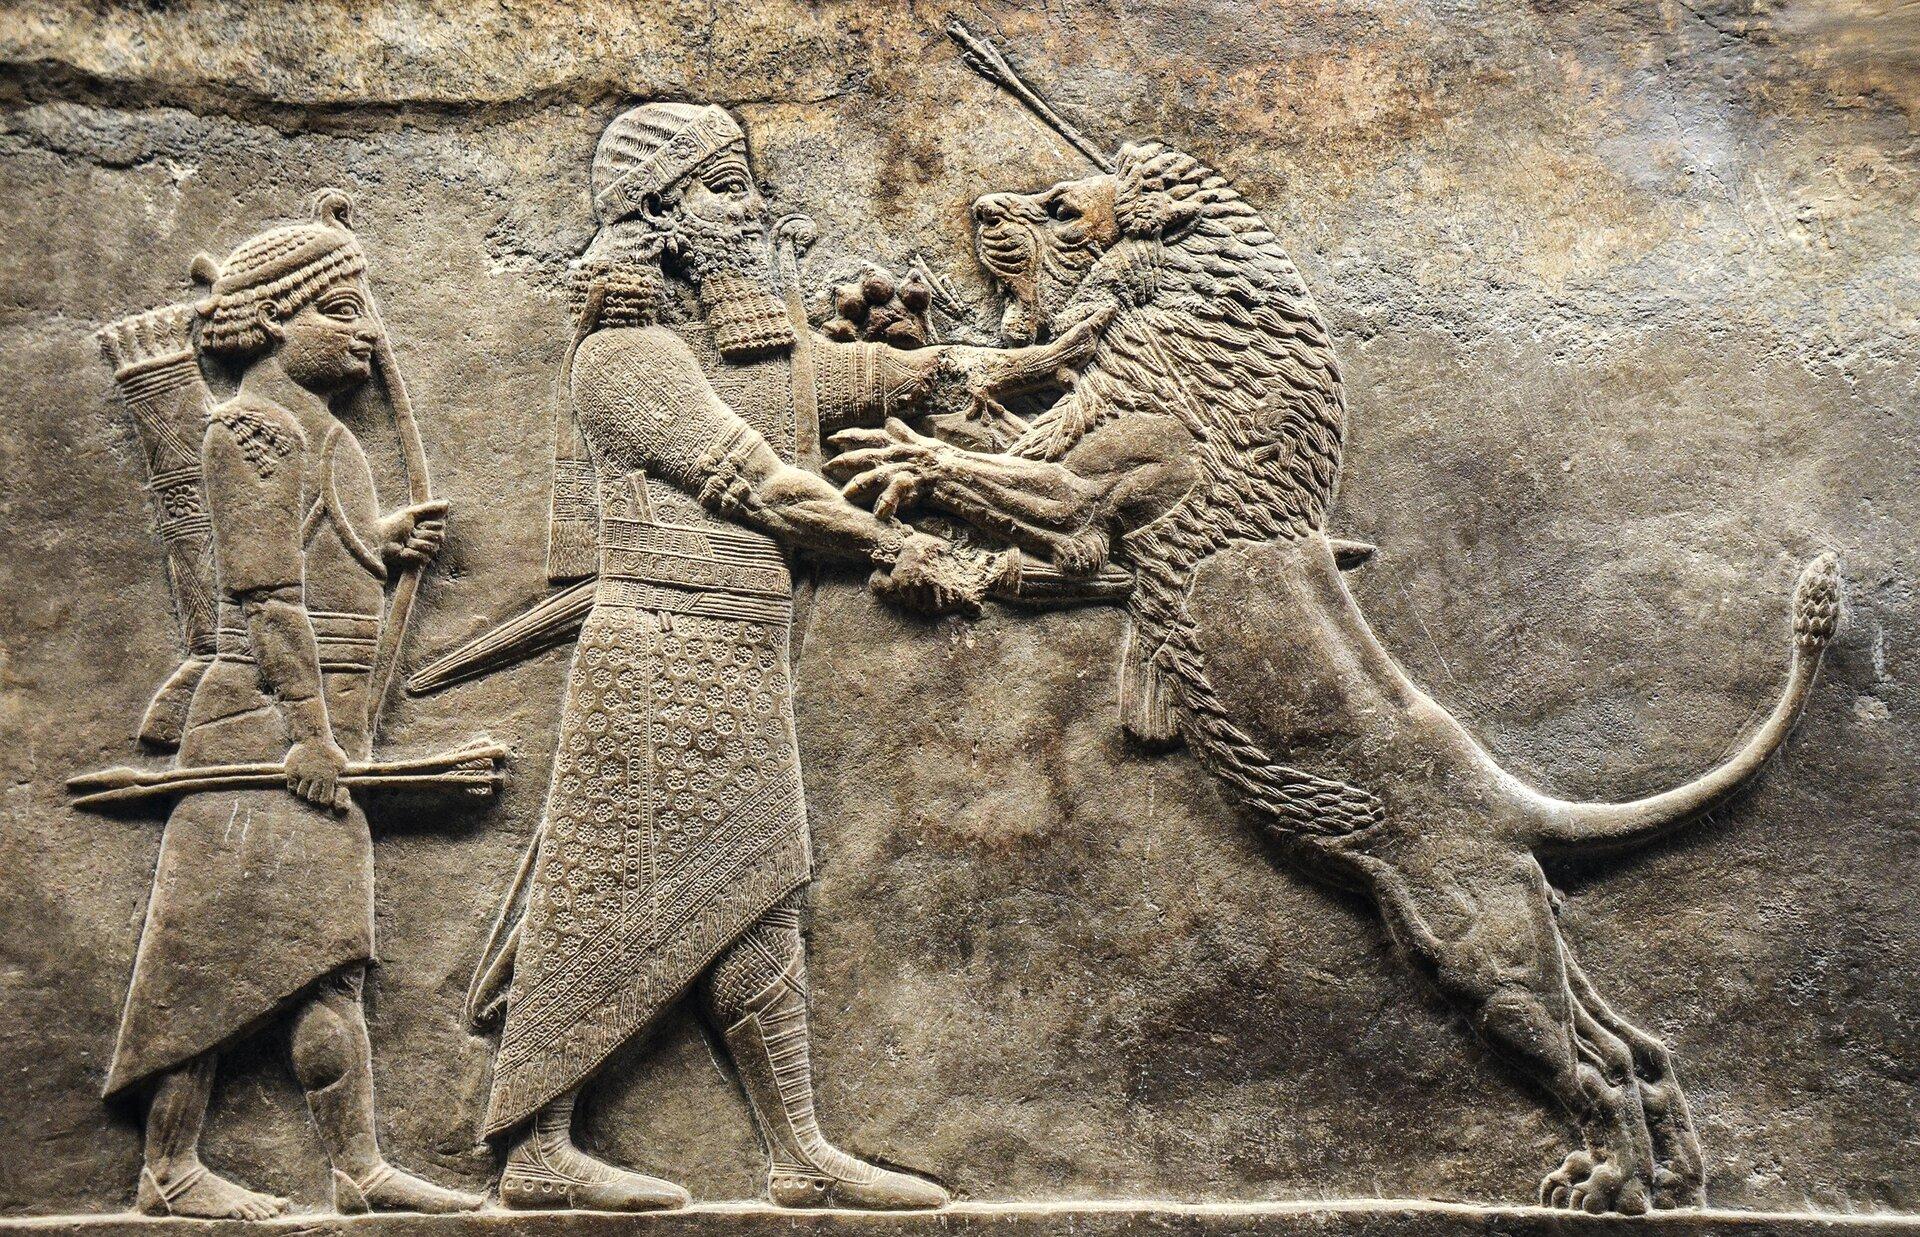 Ulubioną rozrywką królów asyryjskich było polowanie na lwy. Obrazy łowów przedstawiano na ścianach świątyń ipałaców. Płaskorzeźba przechowywana obecnie wMuzeum Brytyjskim wLondynie Ulubioną rozrywką królów asyryjskich było polowanie na lwy. Obrazy łowów przedstawiano na ścianach świątyń ipałaców. Płaskorzeźba przechowywana obecnie wMuzeum Brytyjskim wLondynie Źródło: Carole Raddato, Flickr, licencja: CC BY-SA 2.0.